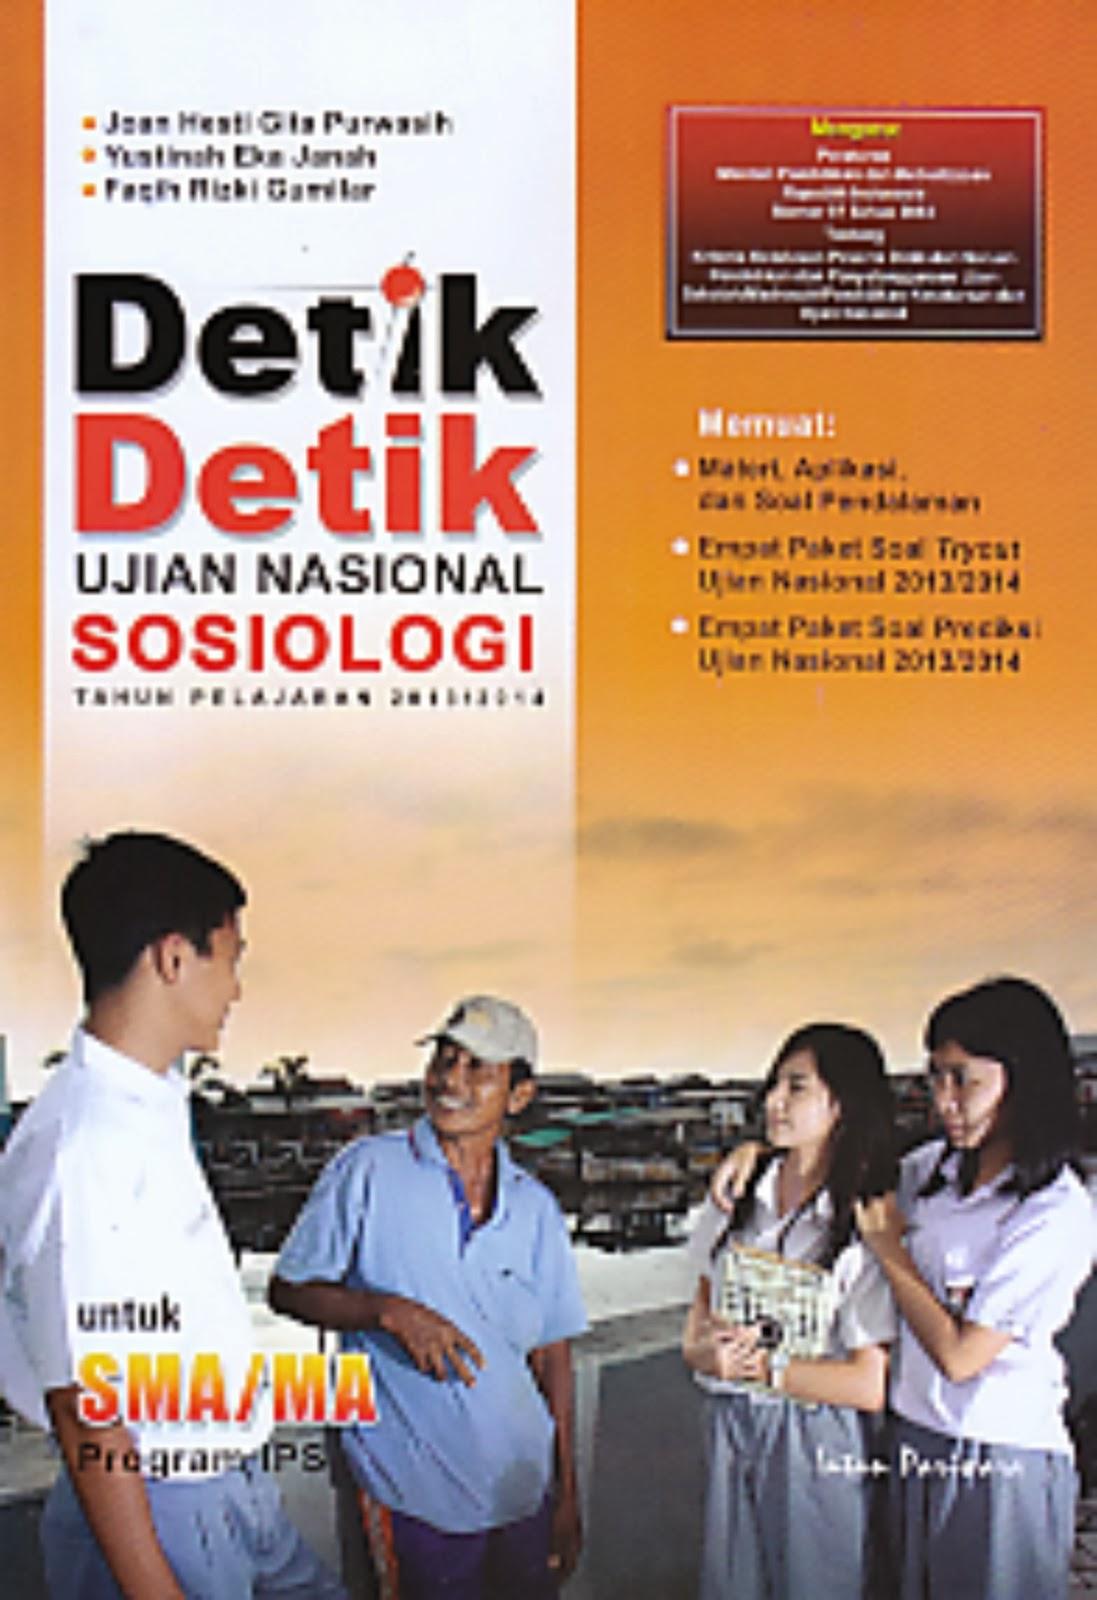 toko buku rahma: buku DETIK-DETIK UJIAN NASIONAL SOSIOLOGI Tahun 2013/2014(Untuk SMA/MA Program IPS) , pengarang widyabakti hesti kawedhar, penerbit intan pariwara